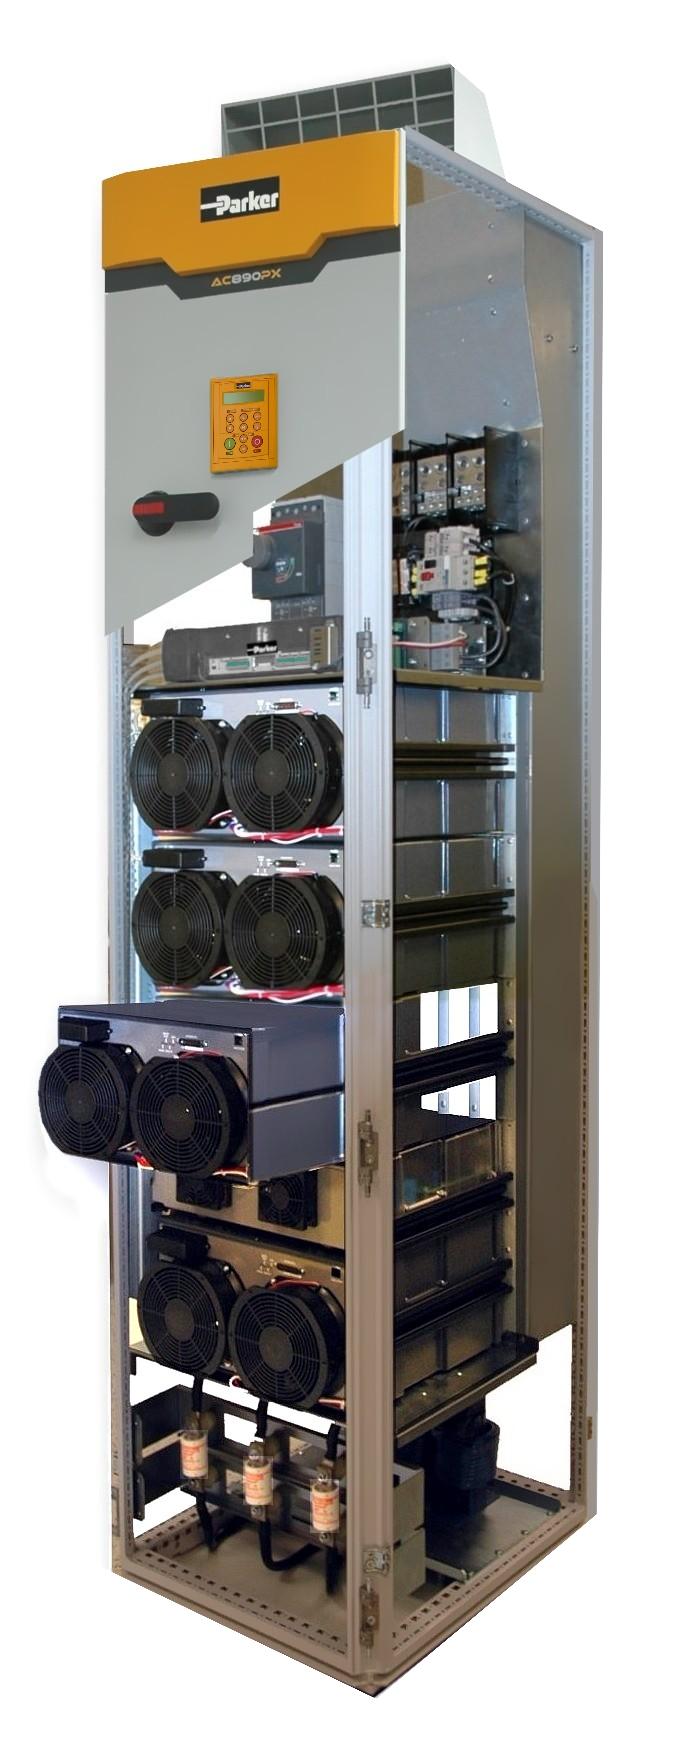 AC890PX cutaway